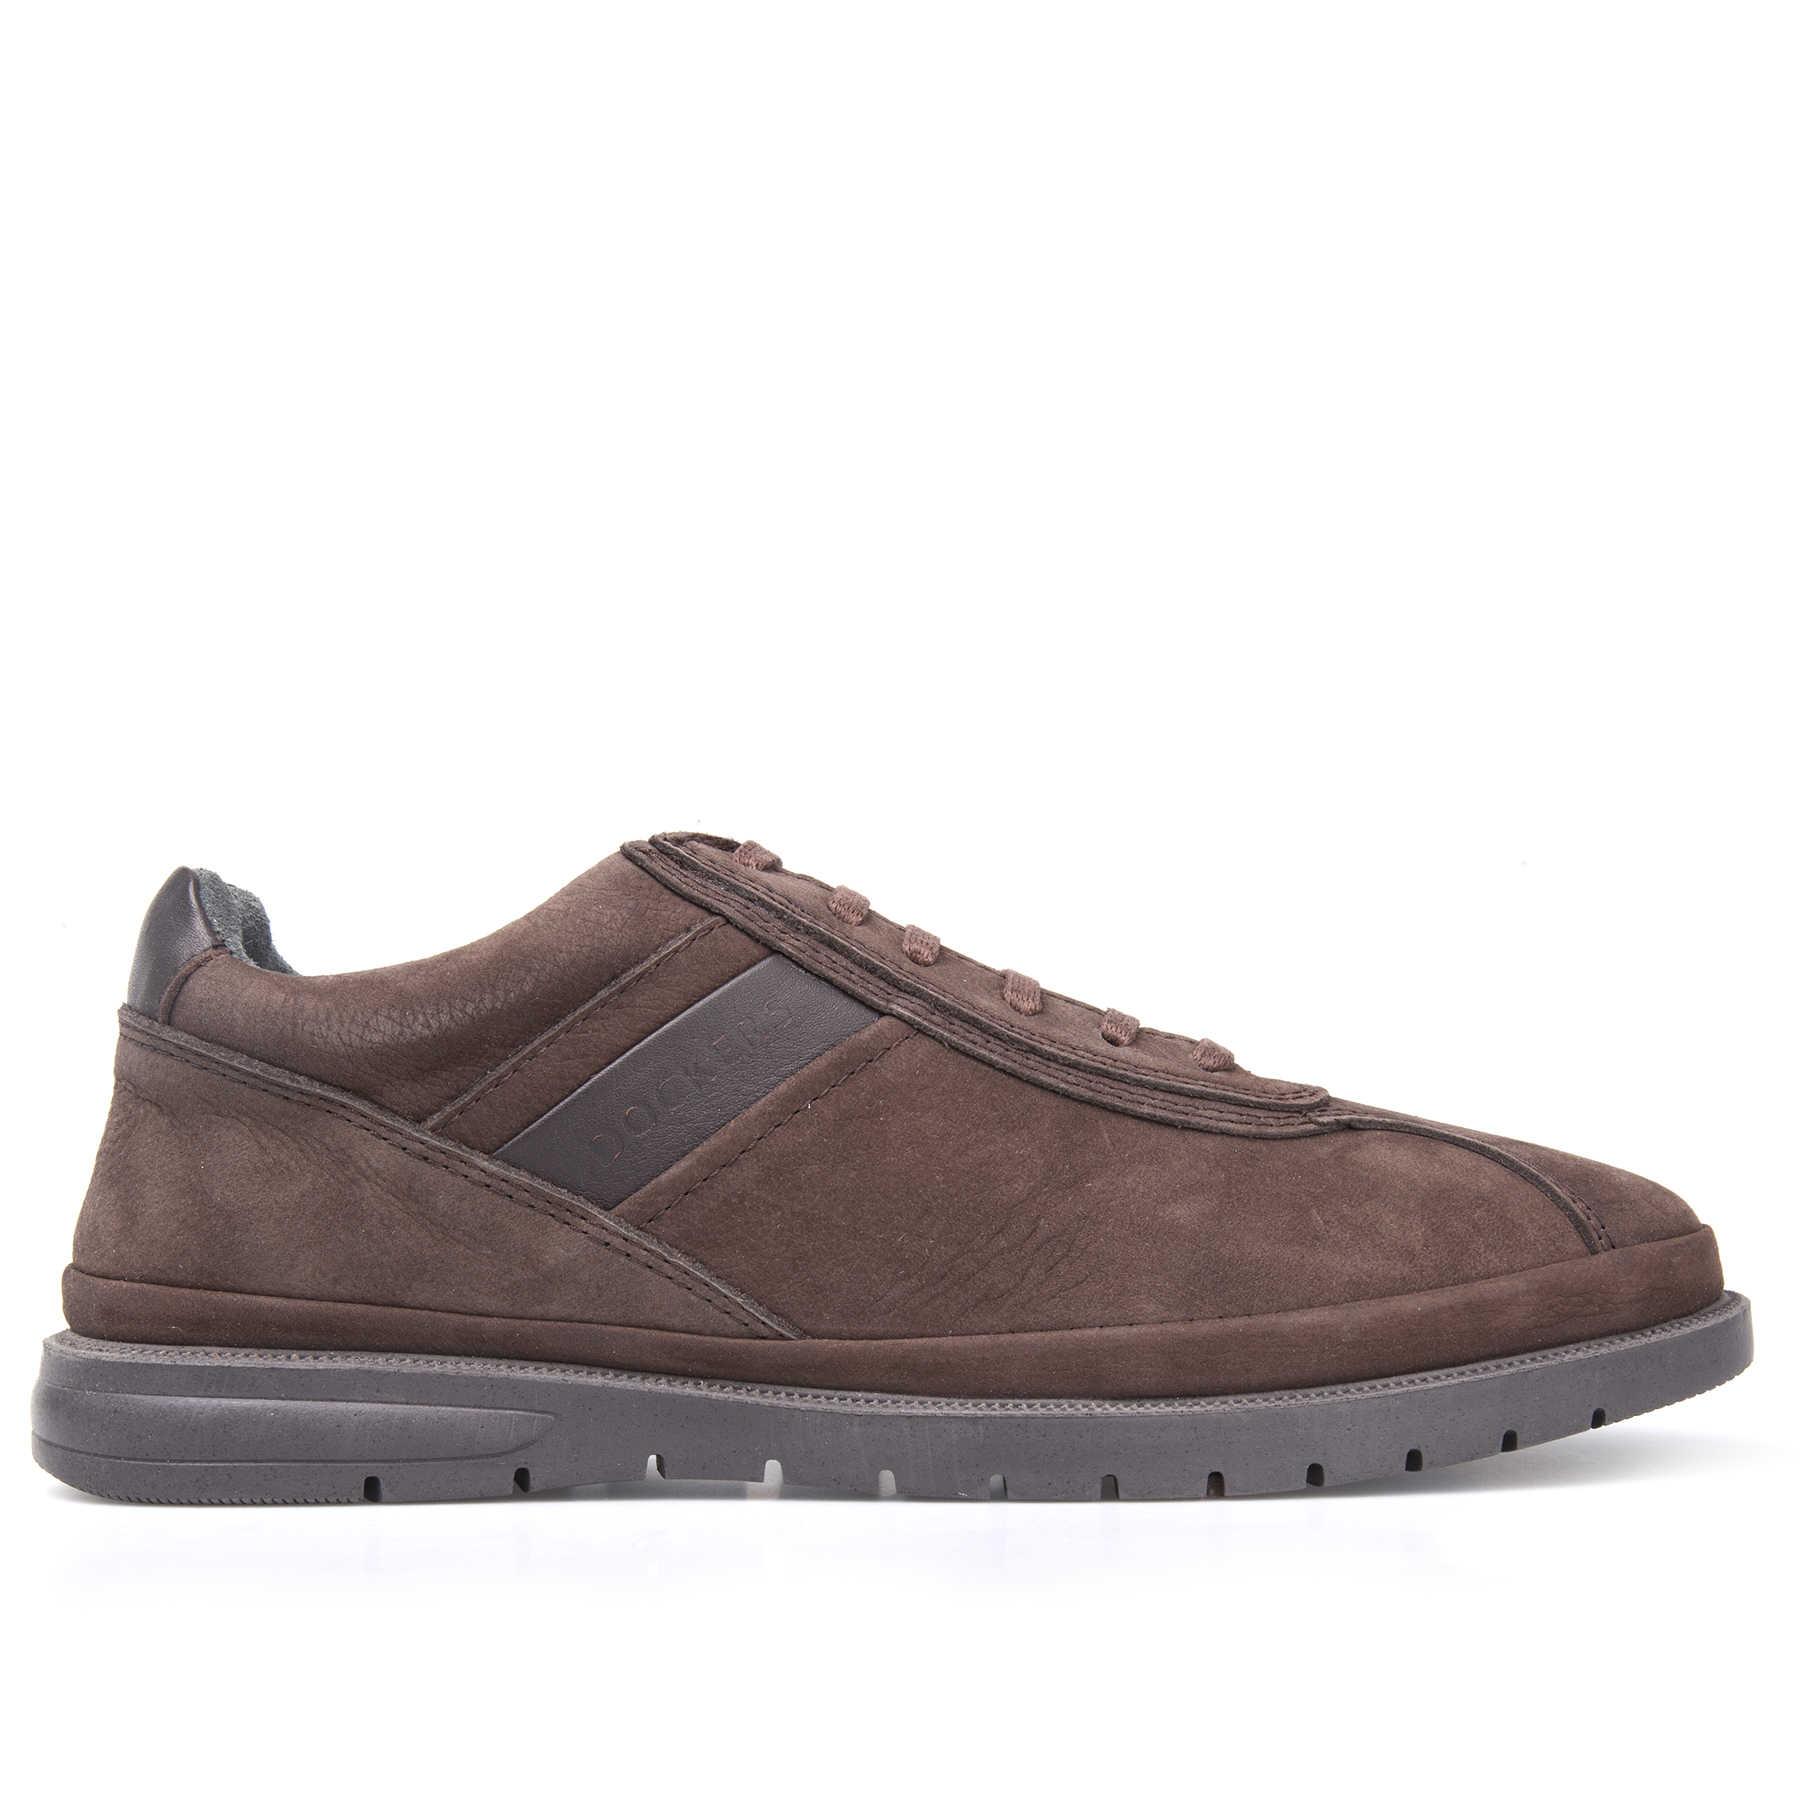 Dockers Shoes MALE SHOES 223524|Men's